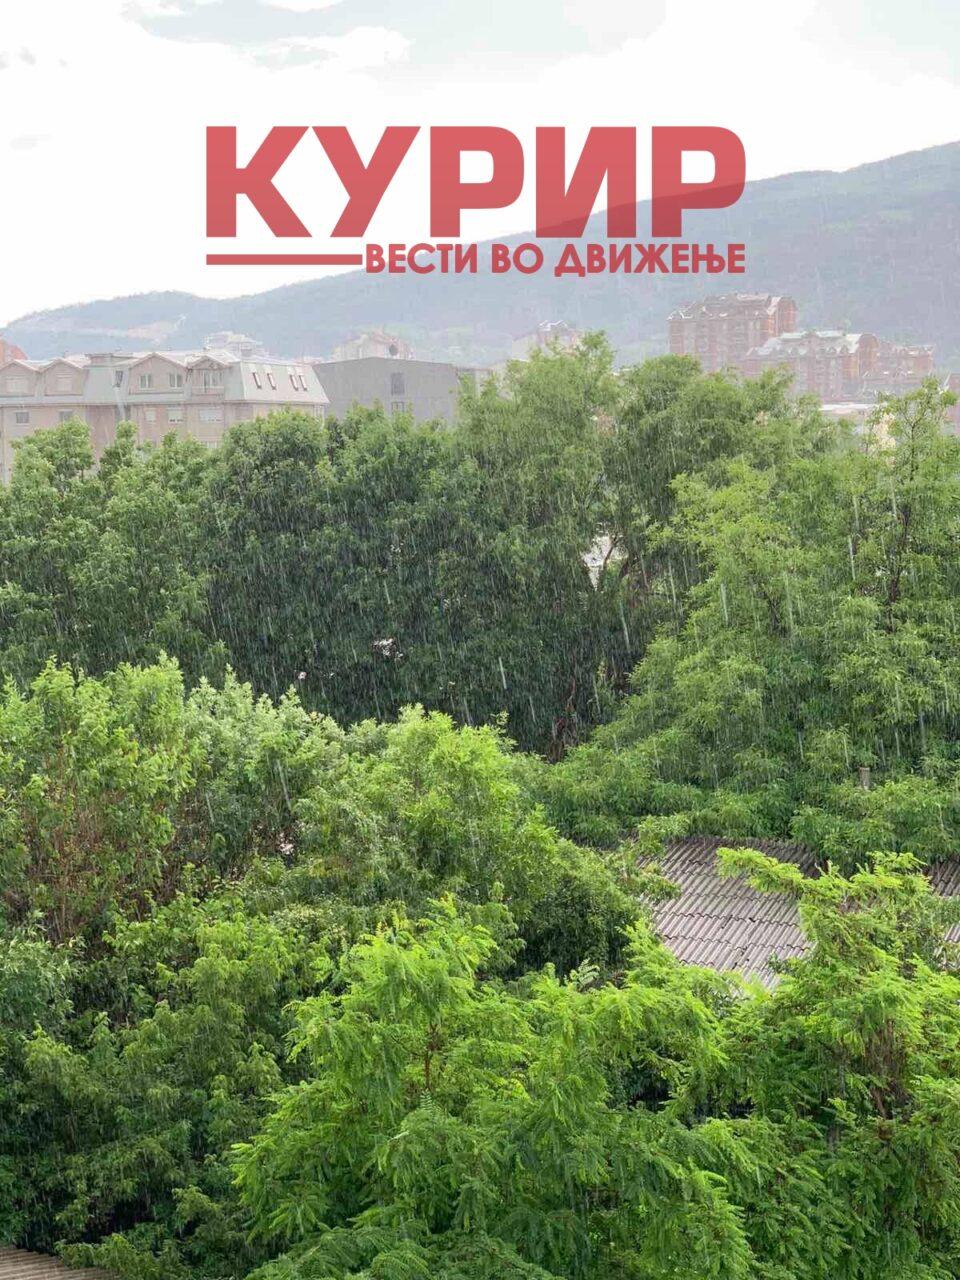 ПОВТОРНО ДОЖД ВО СКОПЈЕ: Невремето предизвика и хаос во сообраќајот, во наредните денови УХМР најавува уште повеќе дожд!